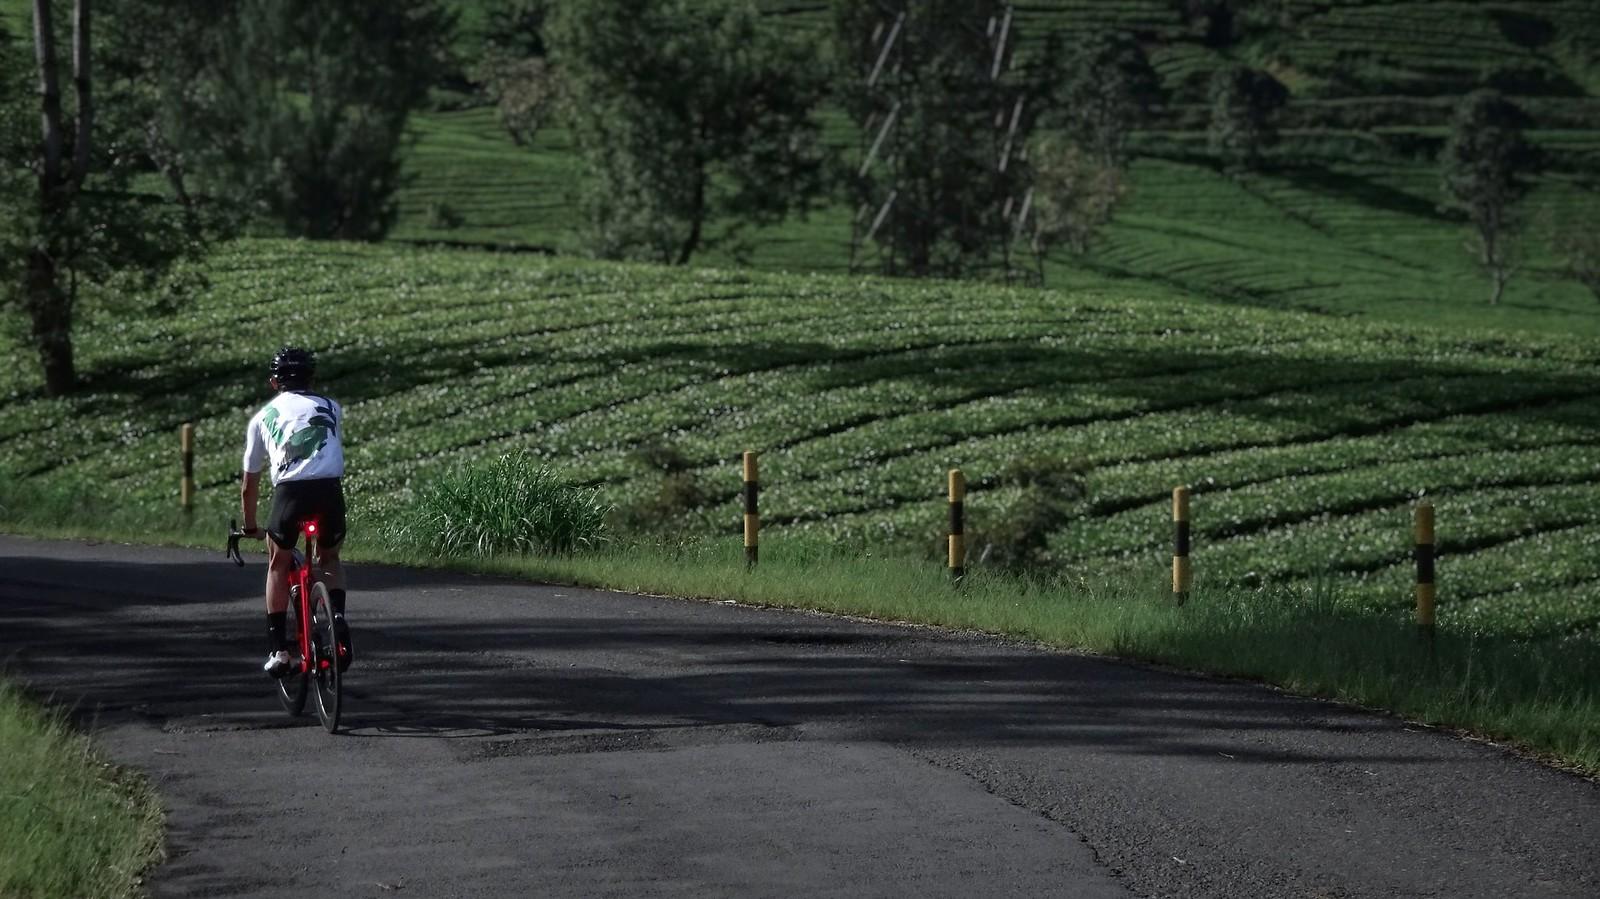 Wayang-Windu: A Weekend Road Cycling Trip